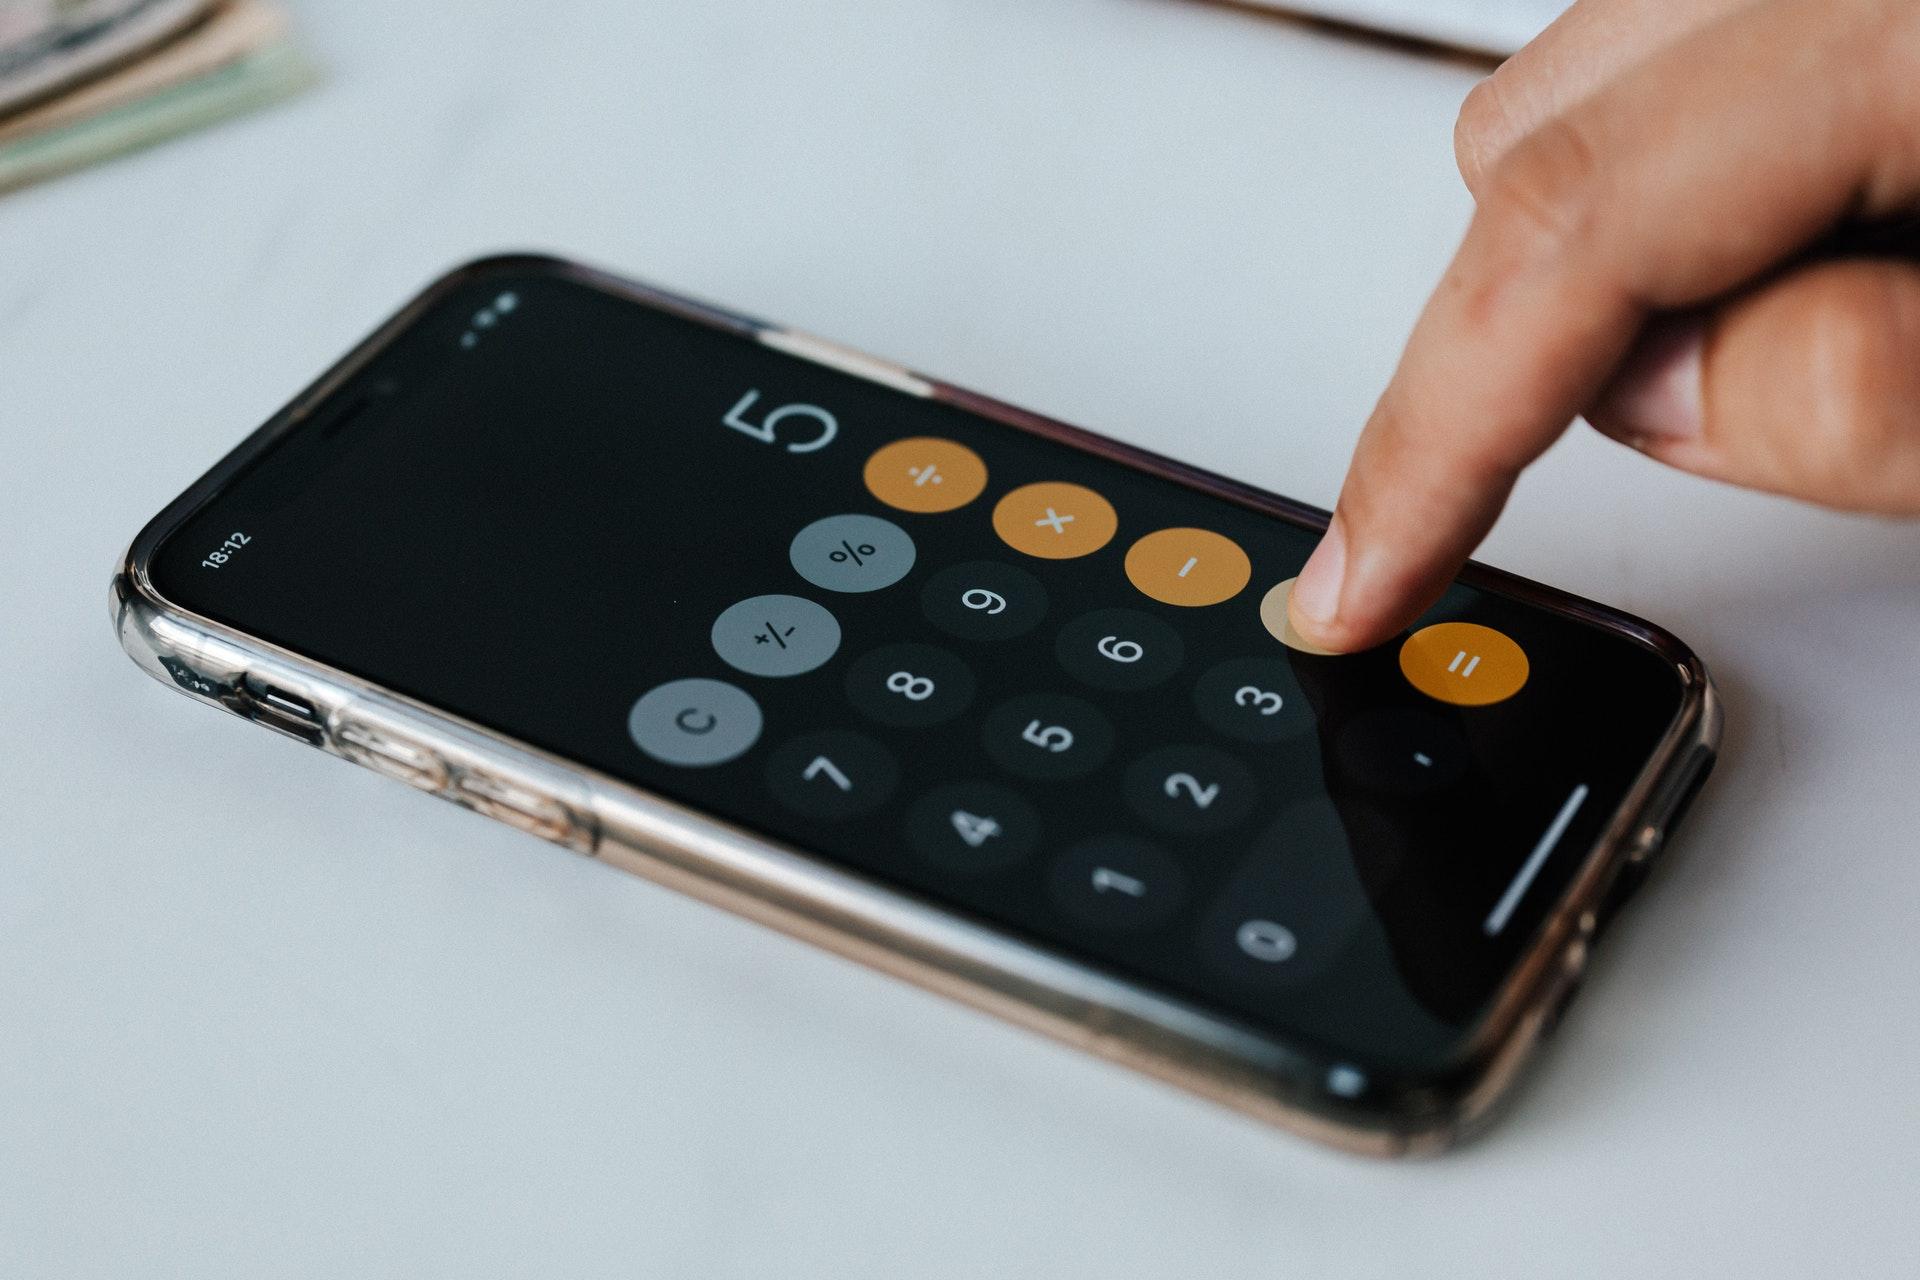 Imagem de um celular com uma calculadora na tela e uma pessoa apertando a tela. Imagem ilustrativa texto negócios baratos e lucrativos.